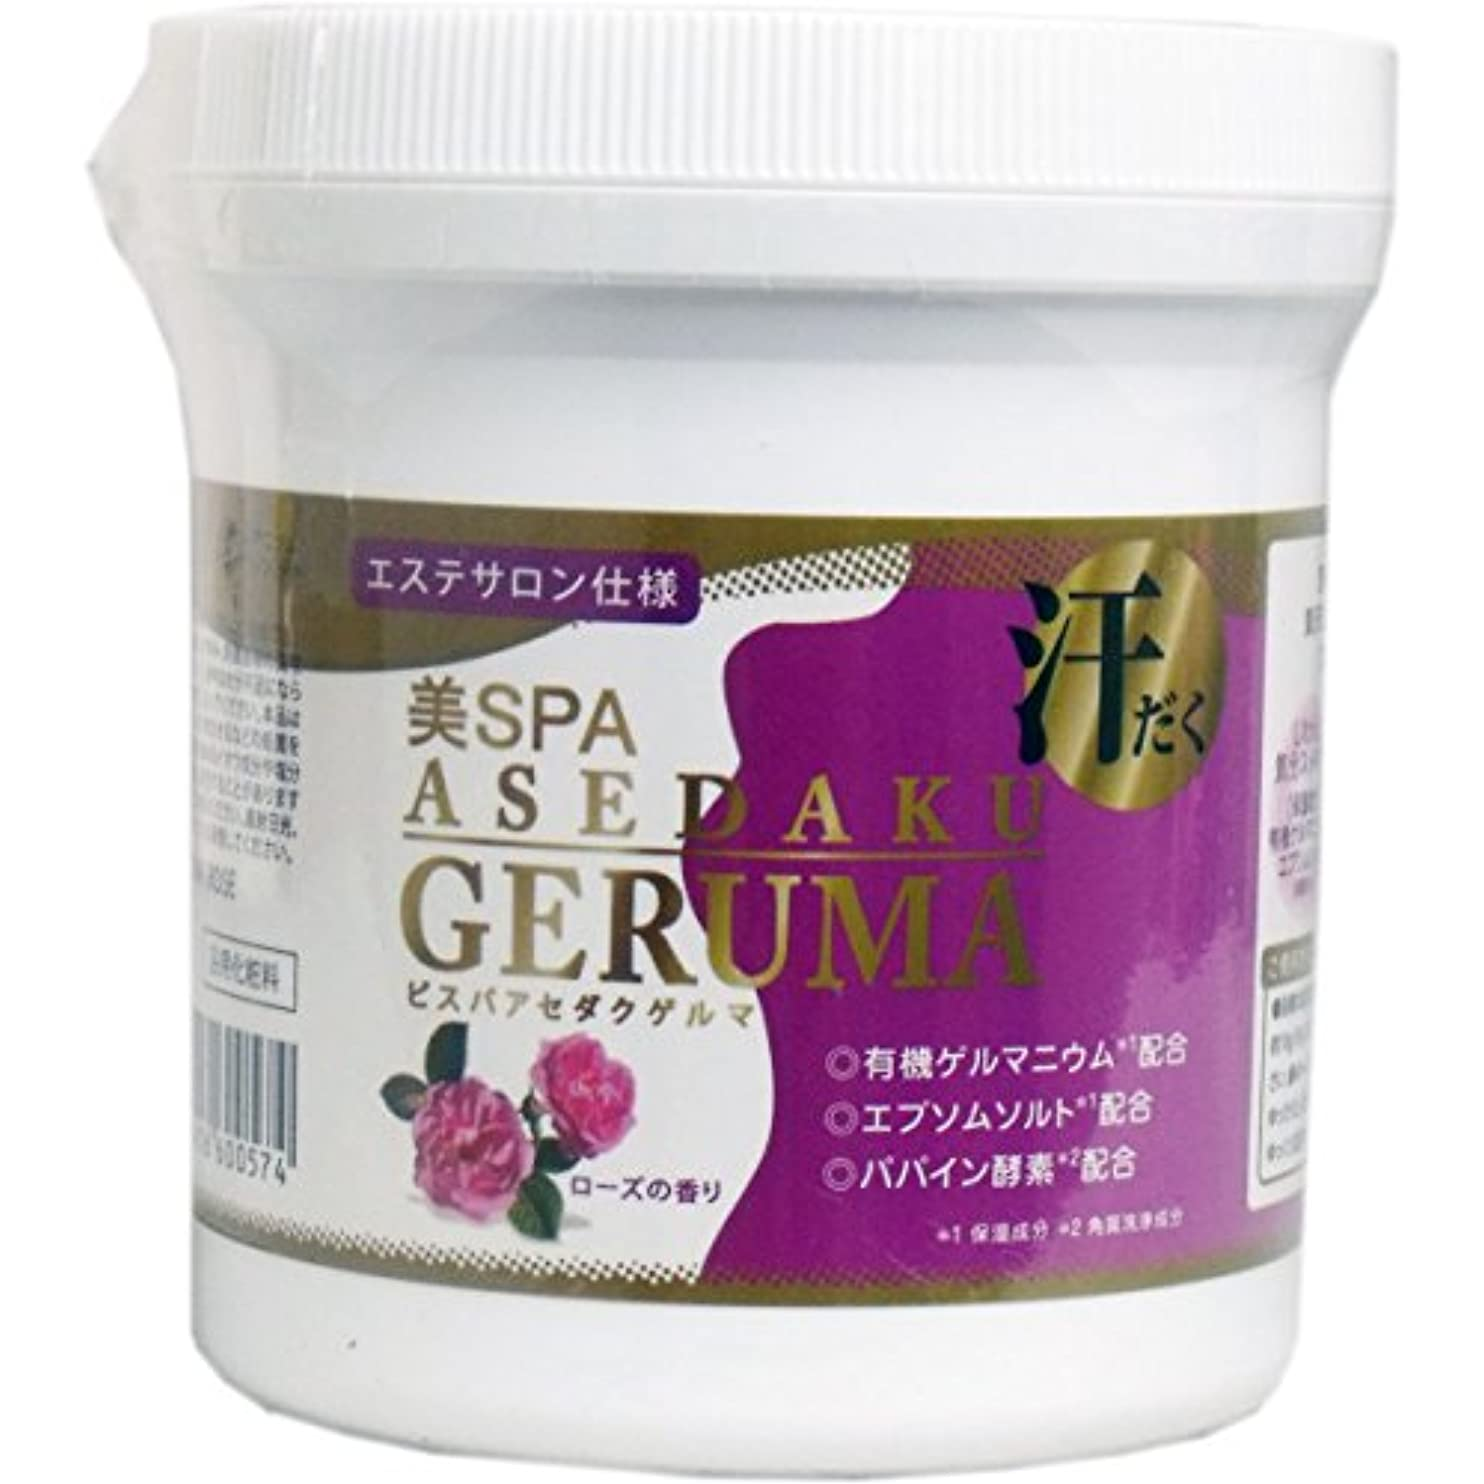 シガレット早く解決日本生化学 ゲルマニウム入浴料 美SPA ASEDAKU GERUMA ROSE(ローズ) ボトル 400g